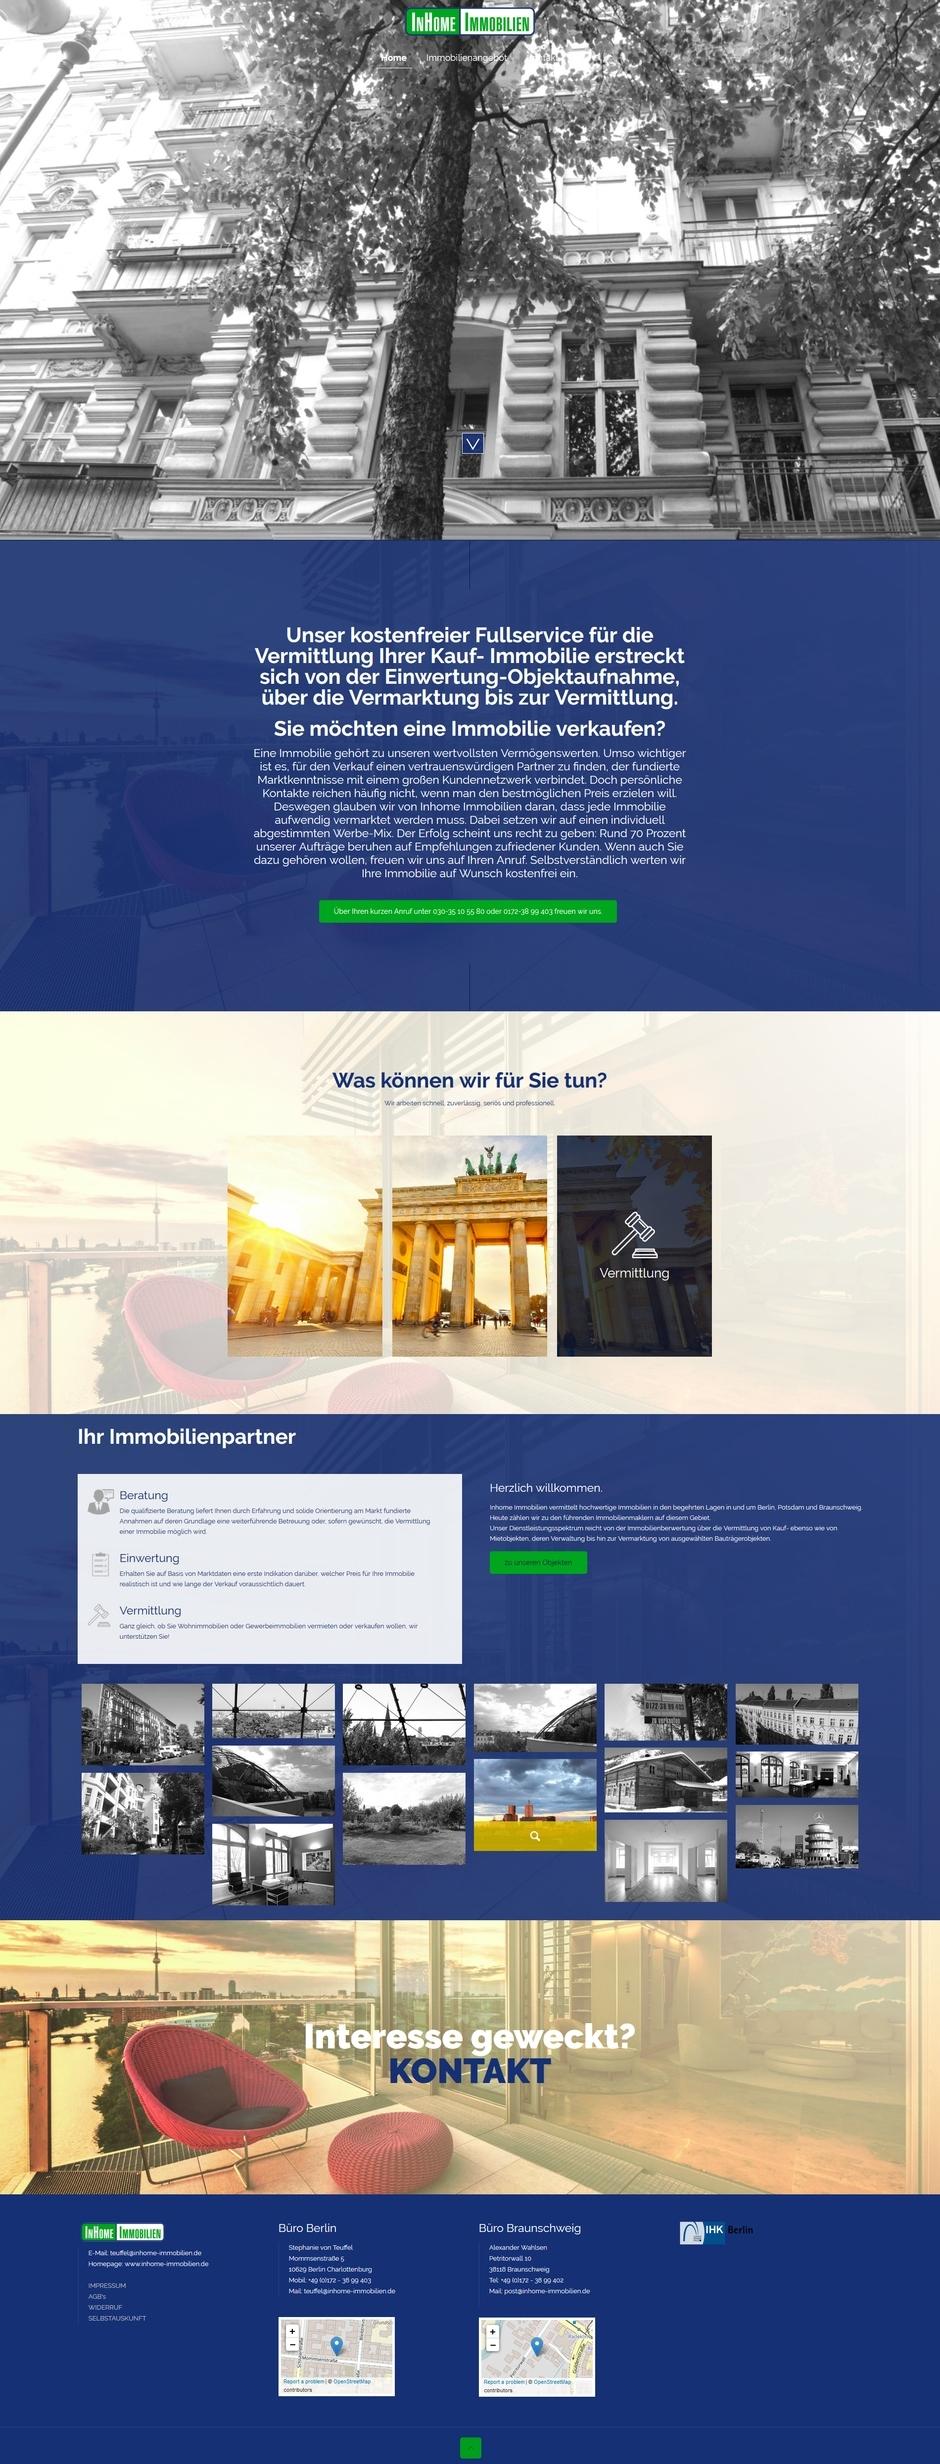 Homepage von inhome Immobilien